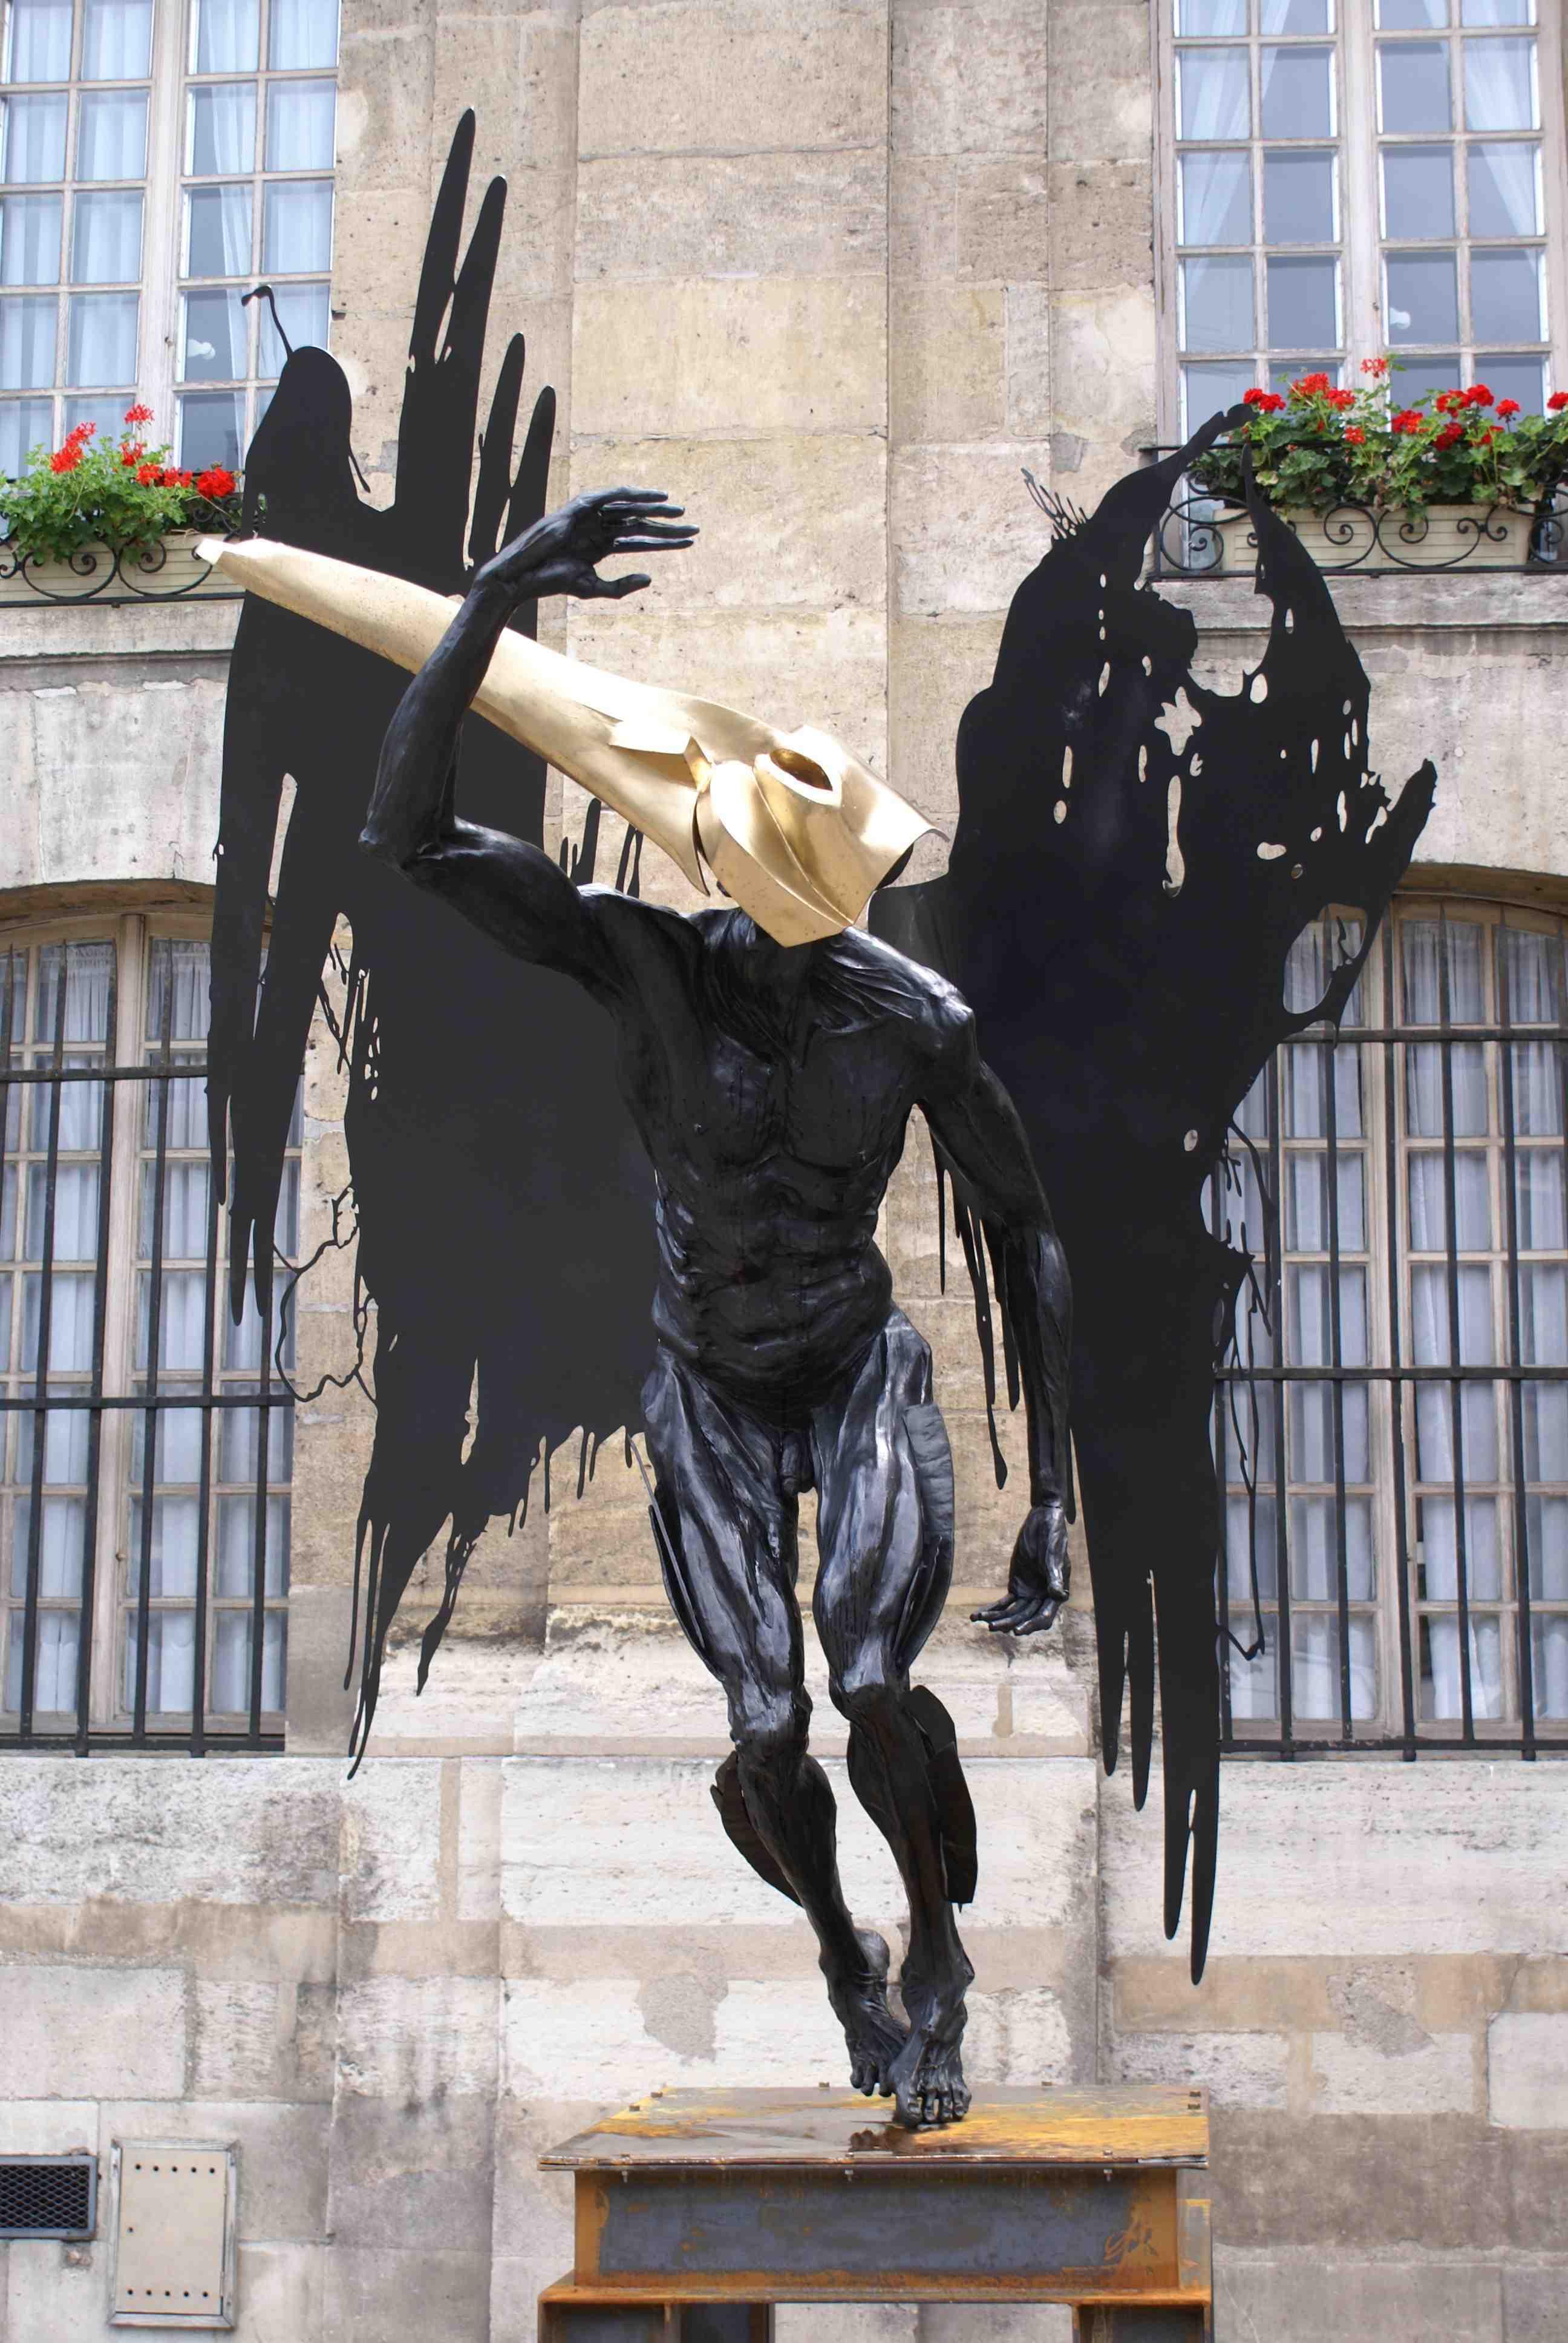 Daniel_Hourdé_-_Désillusion_totale_-_Expo_Paris_2011.jpg